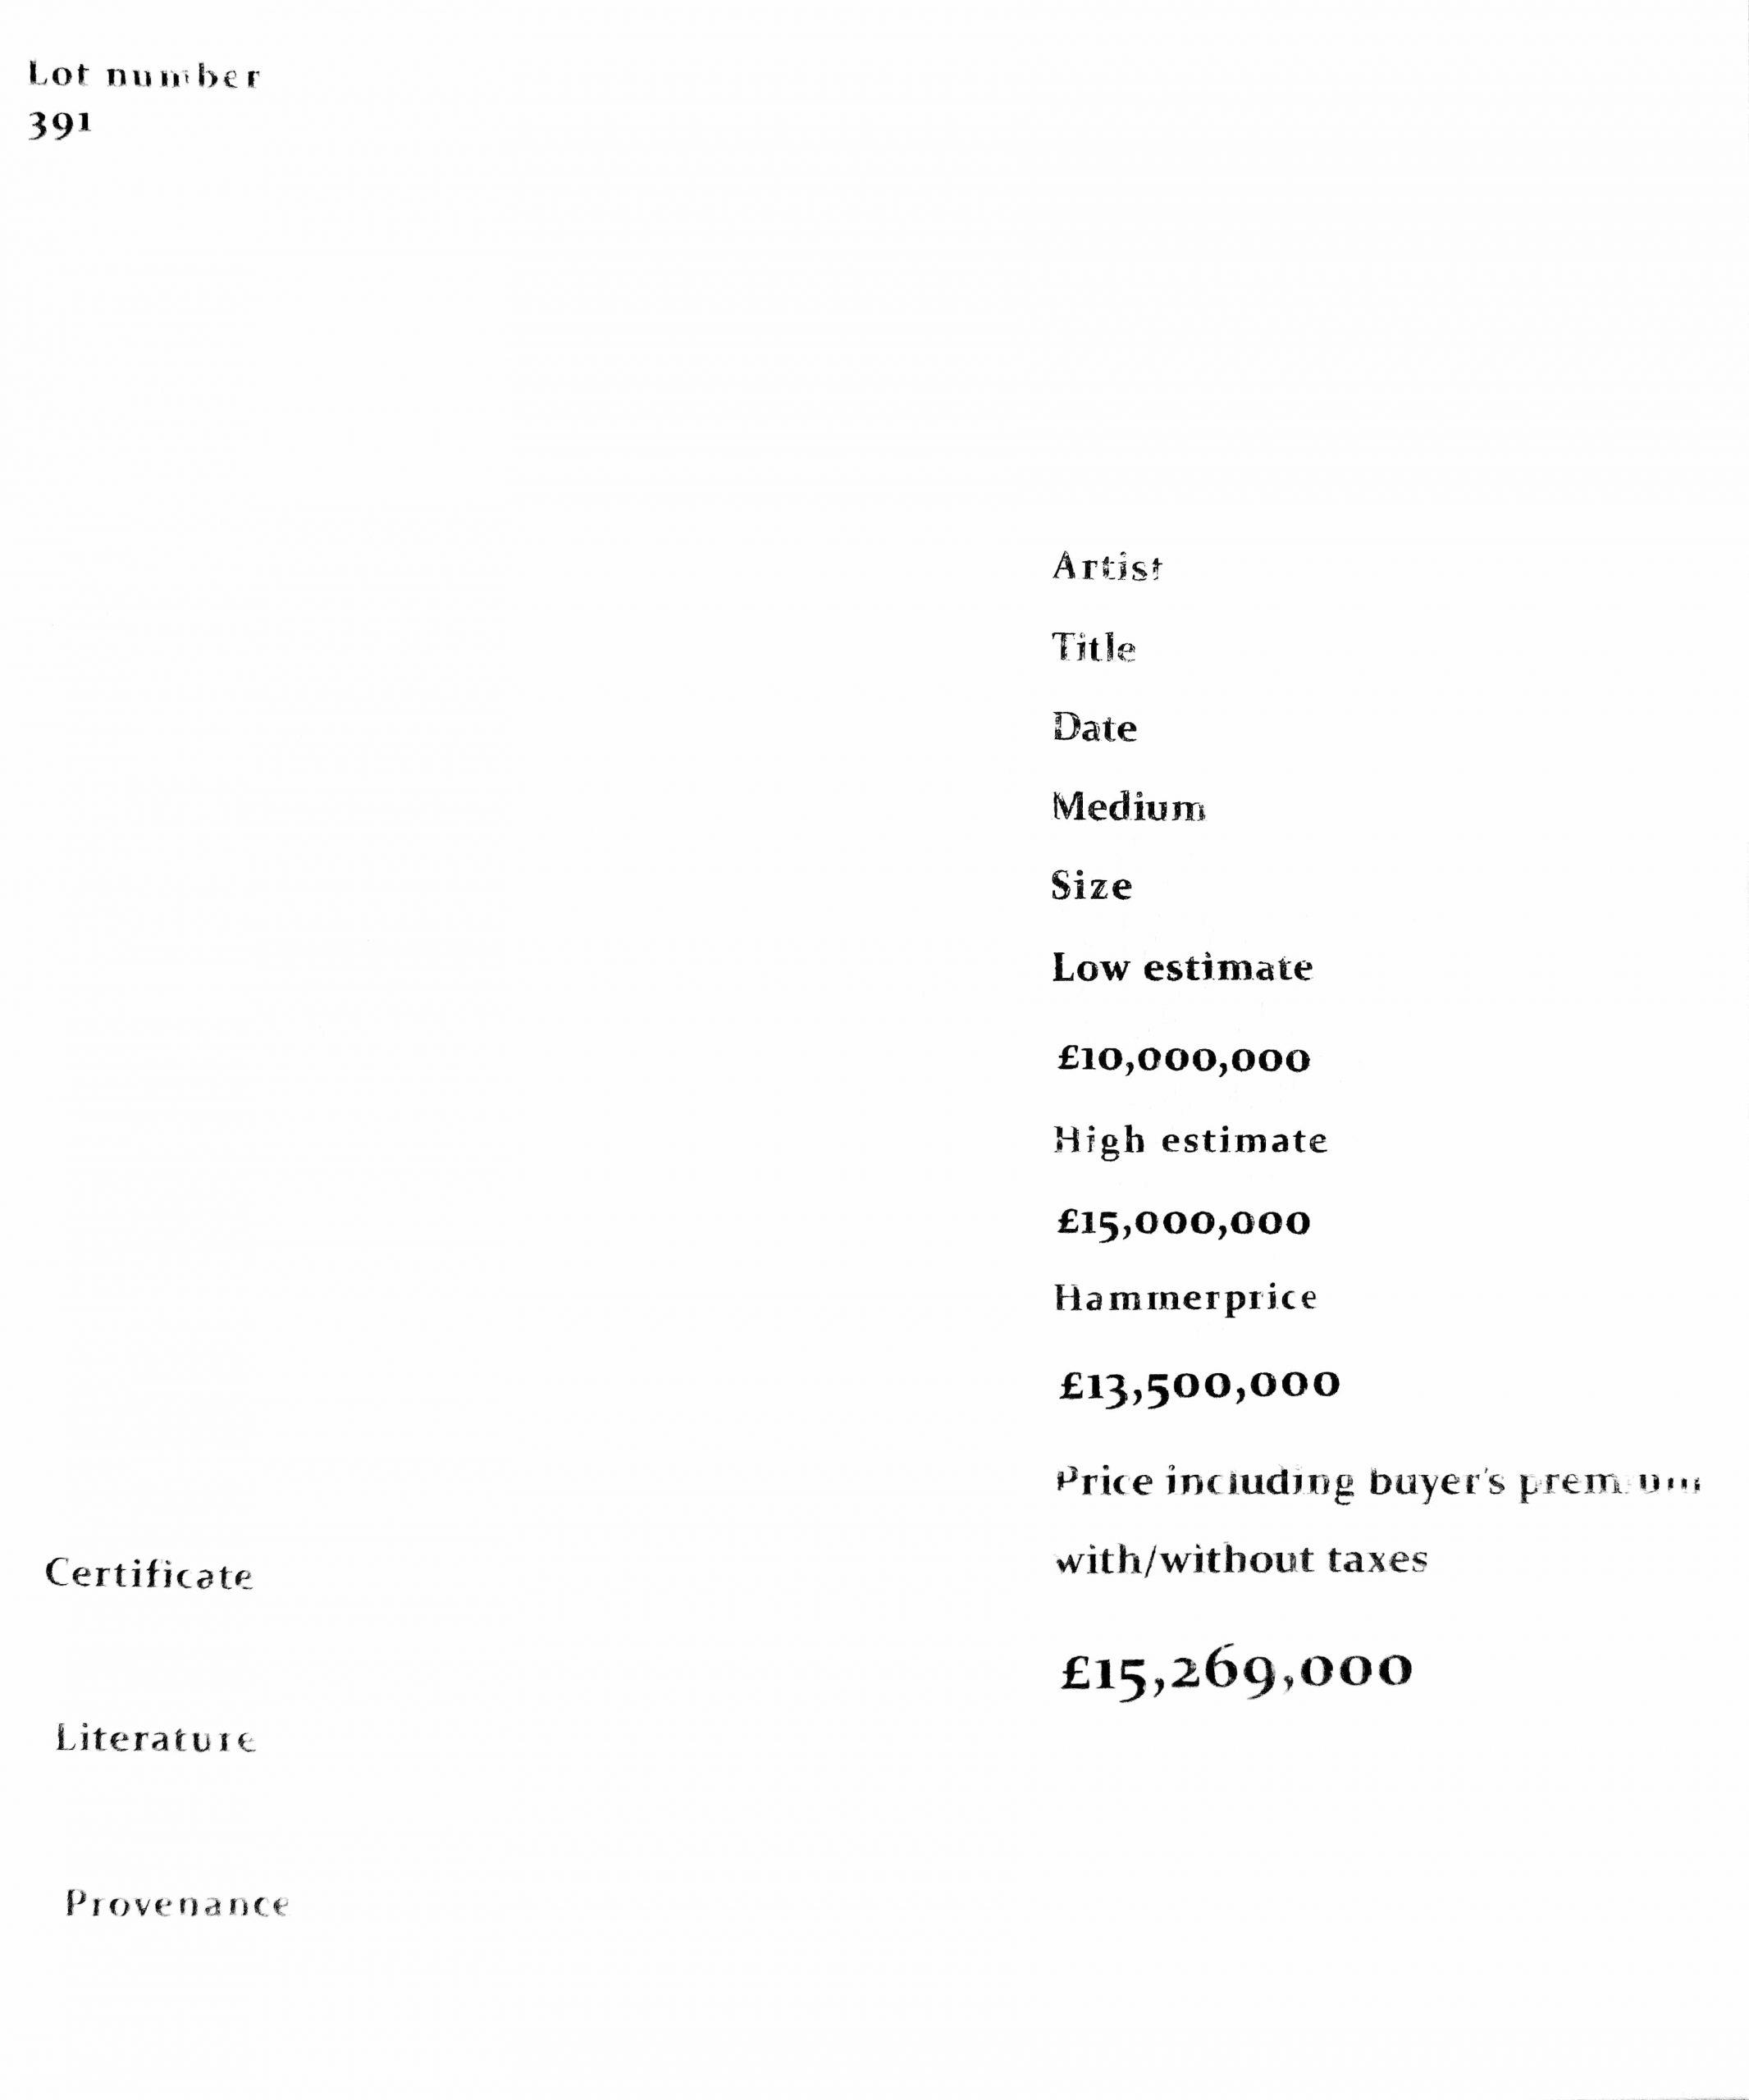 Le Manifeste – Manifesto: Fuckyourselfart concernant Nain De Jardin Fuck